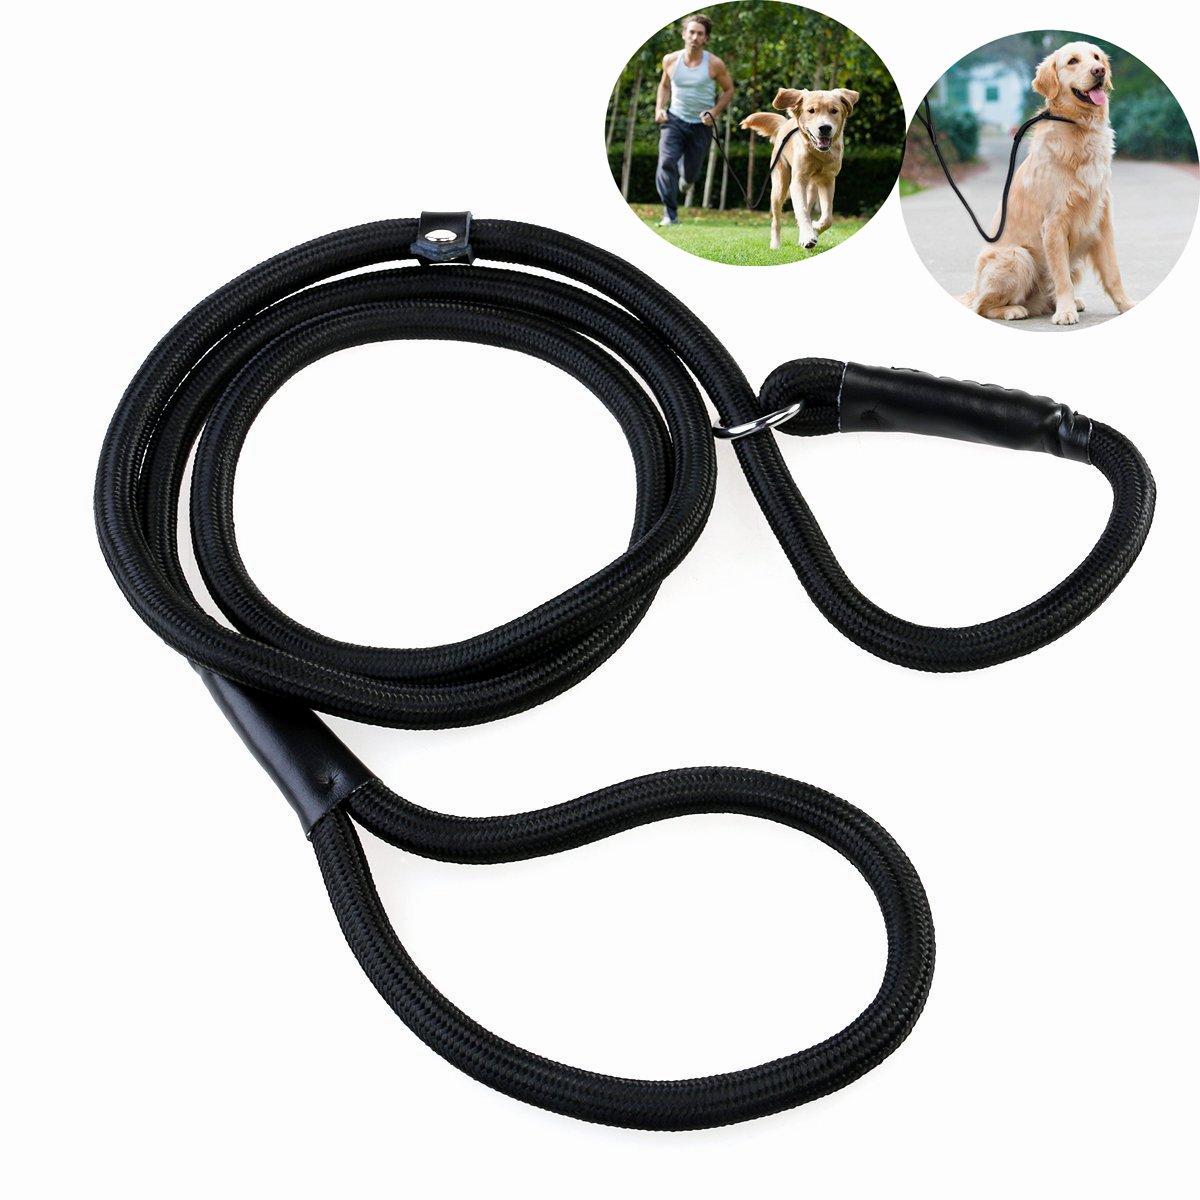 Laisse de dressage en nylon pour chiens, boucle réglable, corde de traction de 1,5 m (noire). boucle réglable PIXNOR